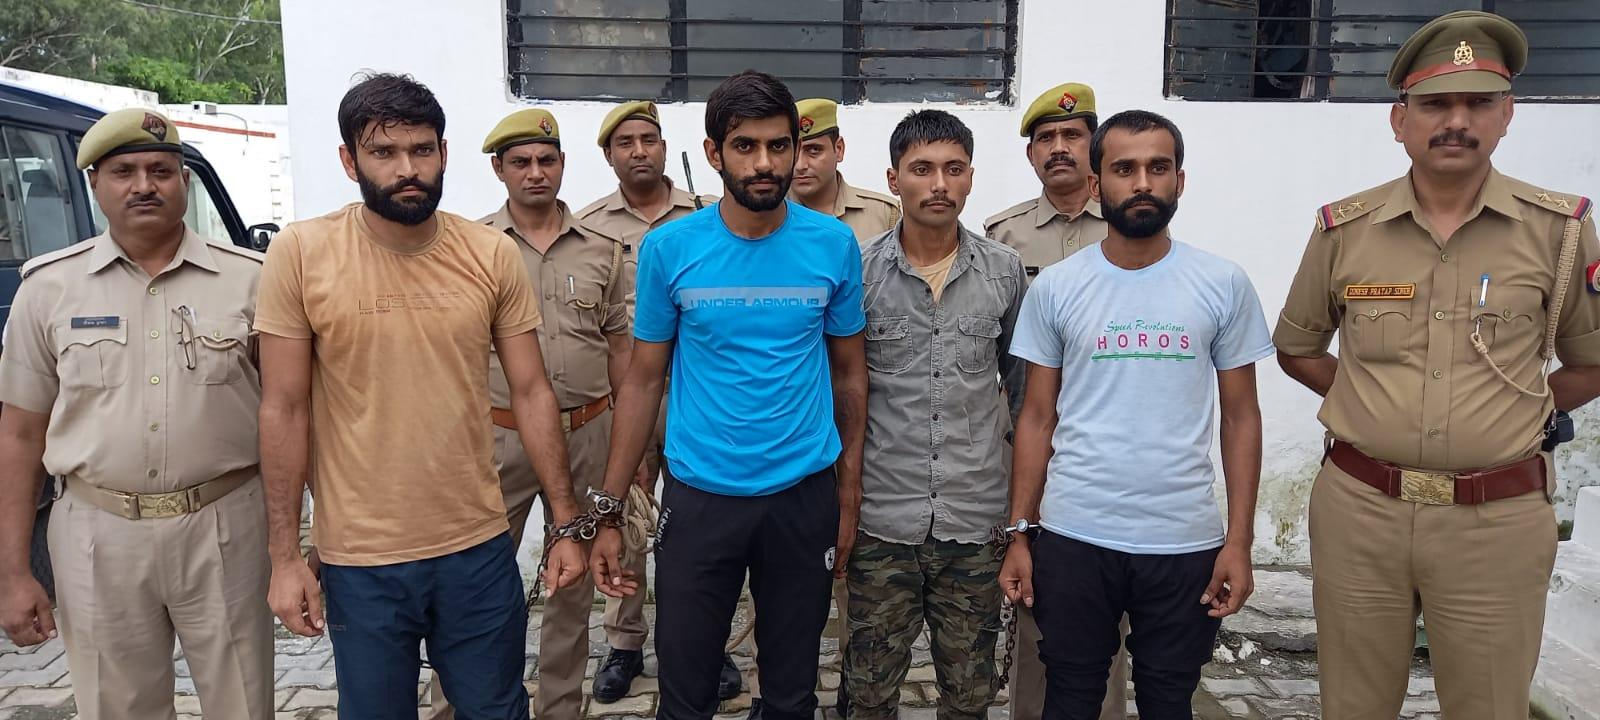 पुलिस लाइन में सरूरपुर पुलिस के साथ हिमांशु की  हत्या करने वाले चारों दोस्त - Dainik Bhaskar